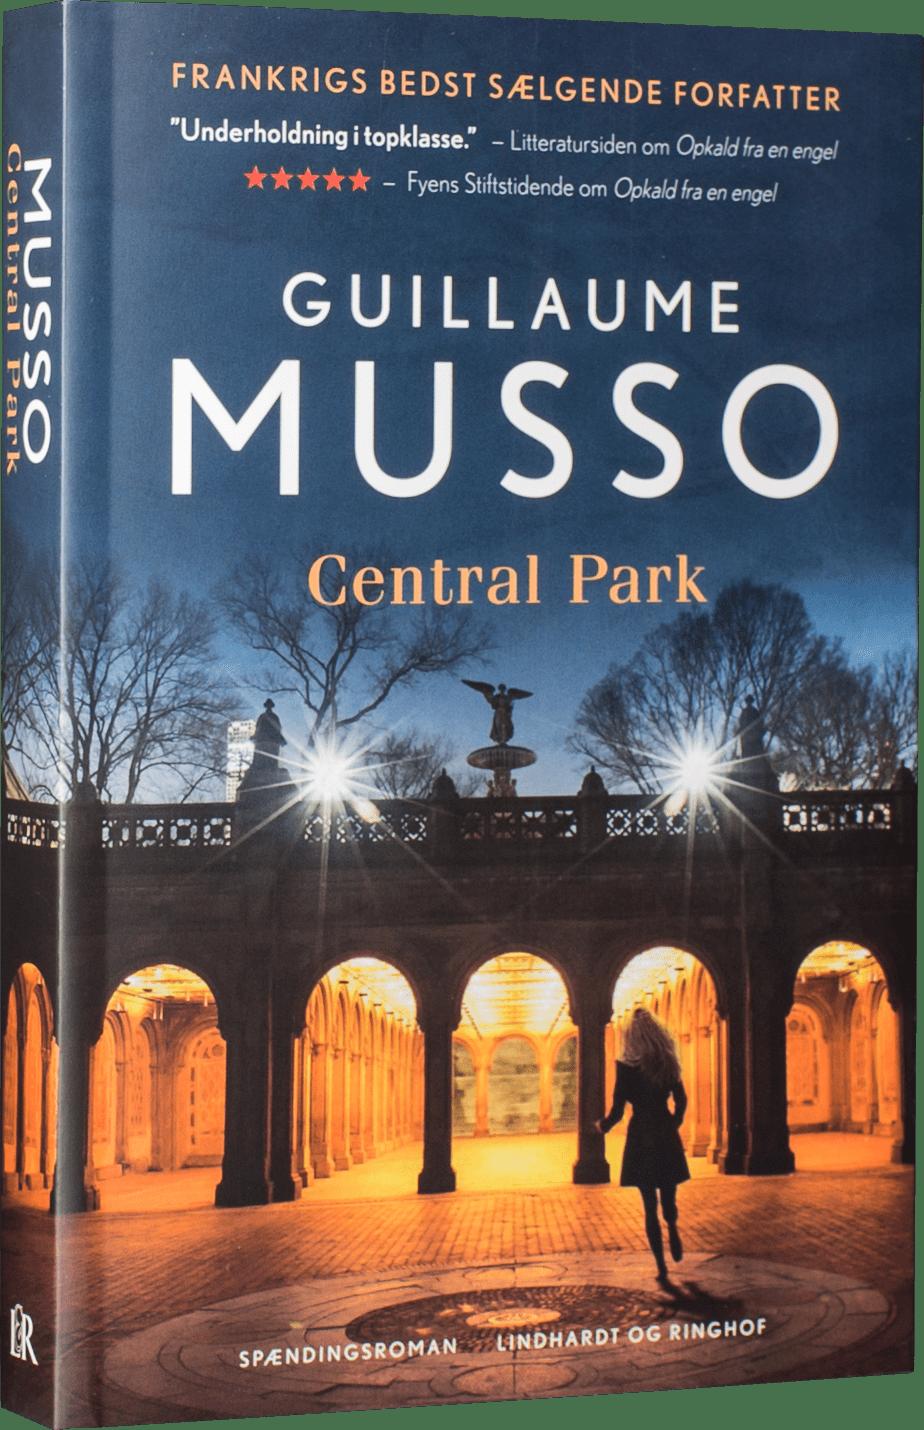 Guillaume Musso, Central Park, spændingsroman, psykologisk thriller, thriller